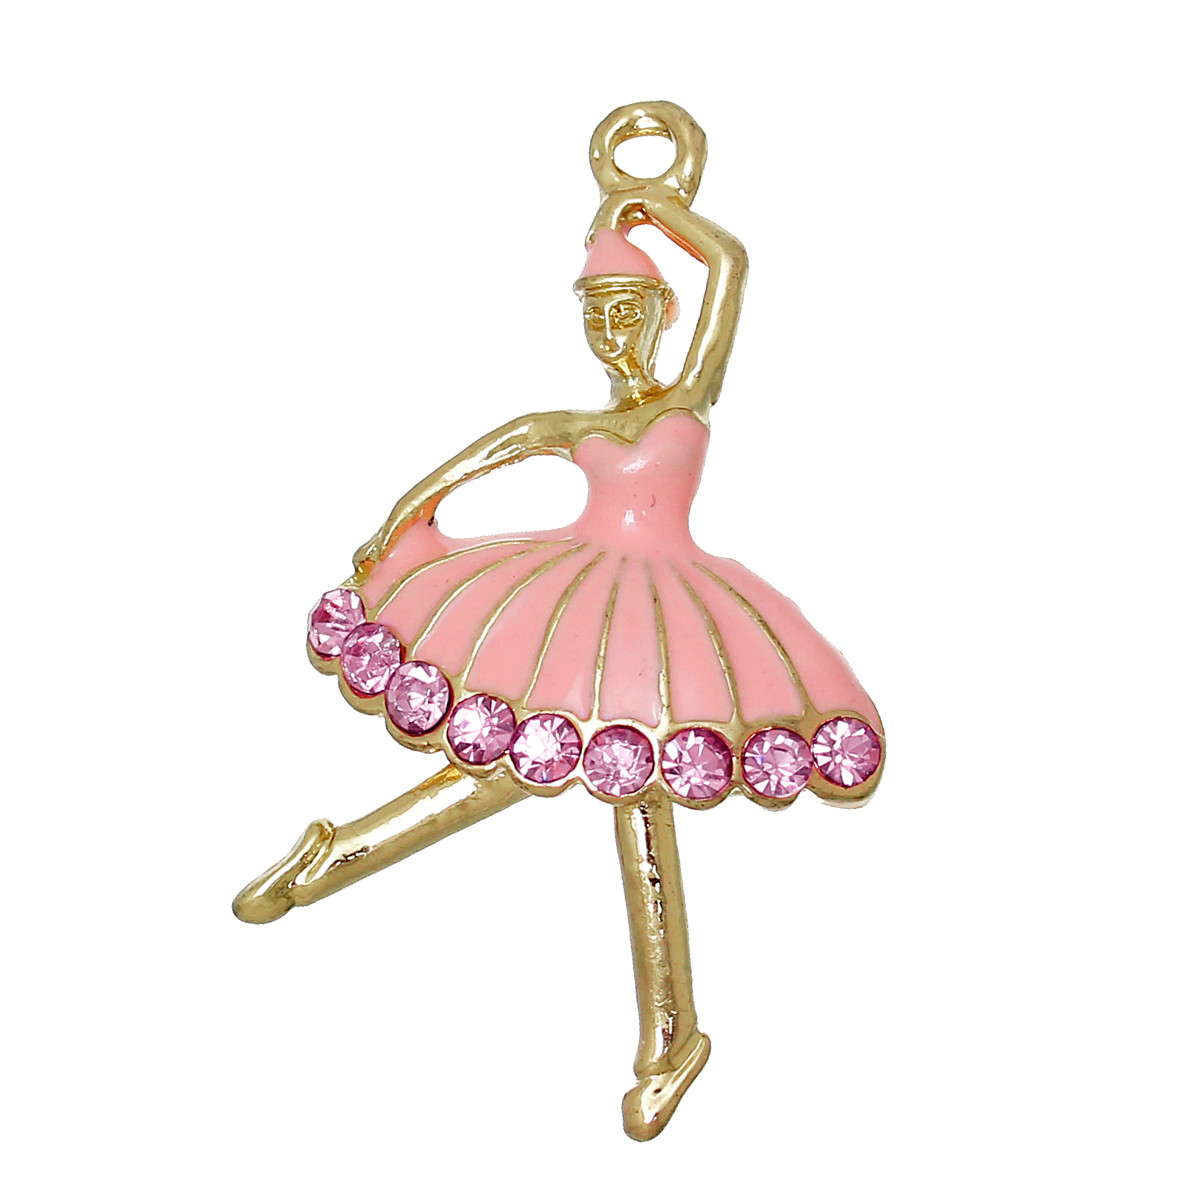 """Подвеска """" Балет """", """" Танец девушки """", Розово-золотой с эмалью, 37 мм x 22 мм"""